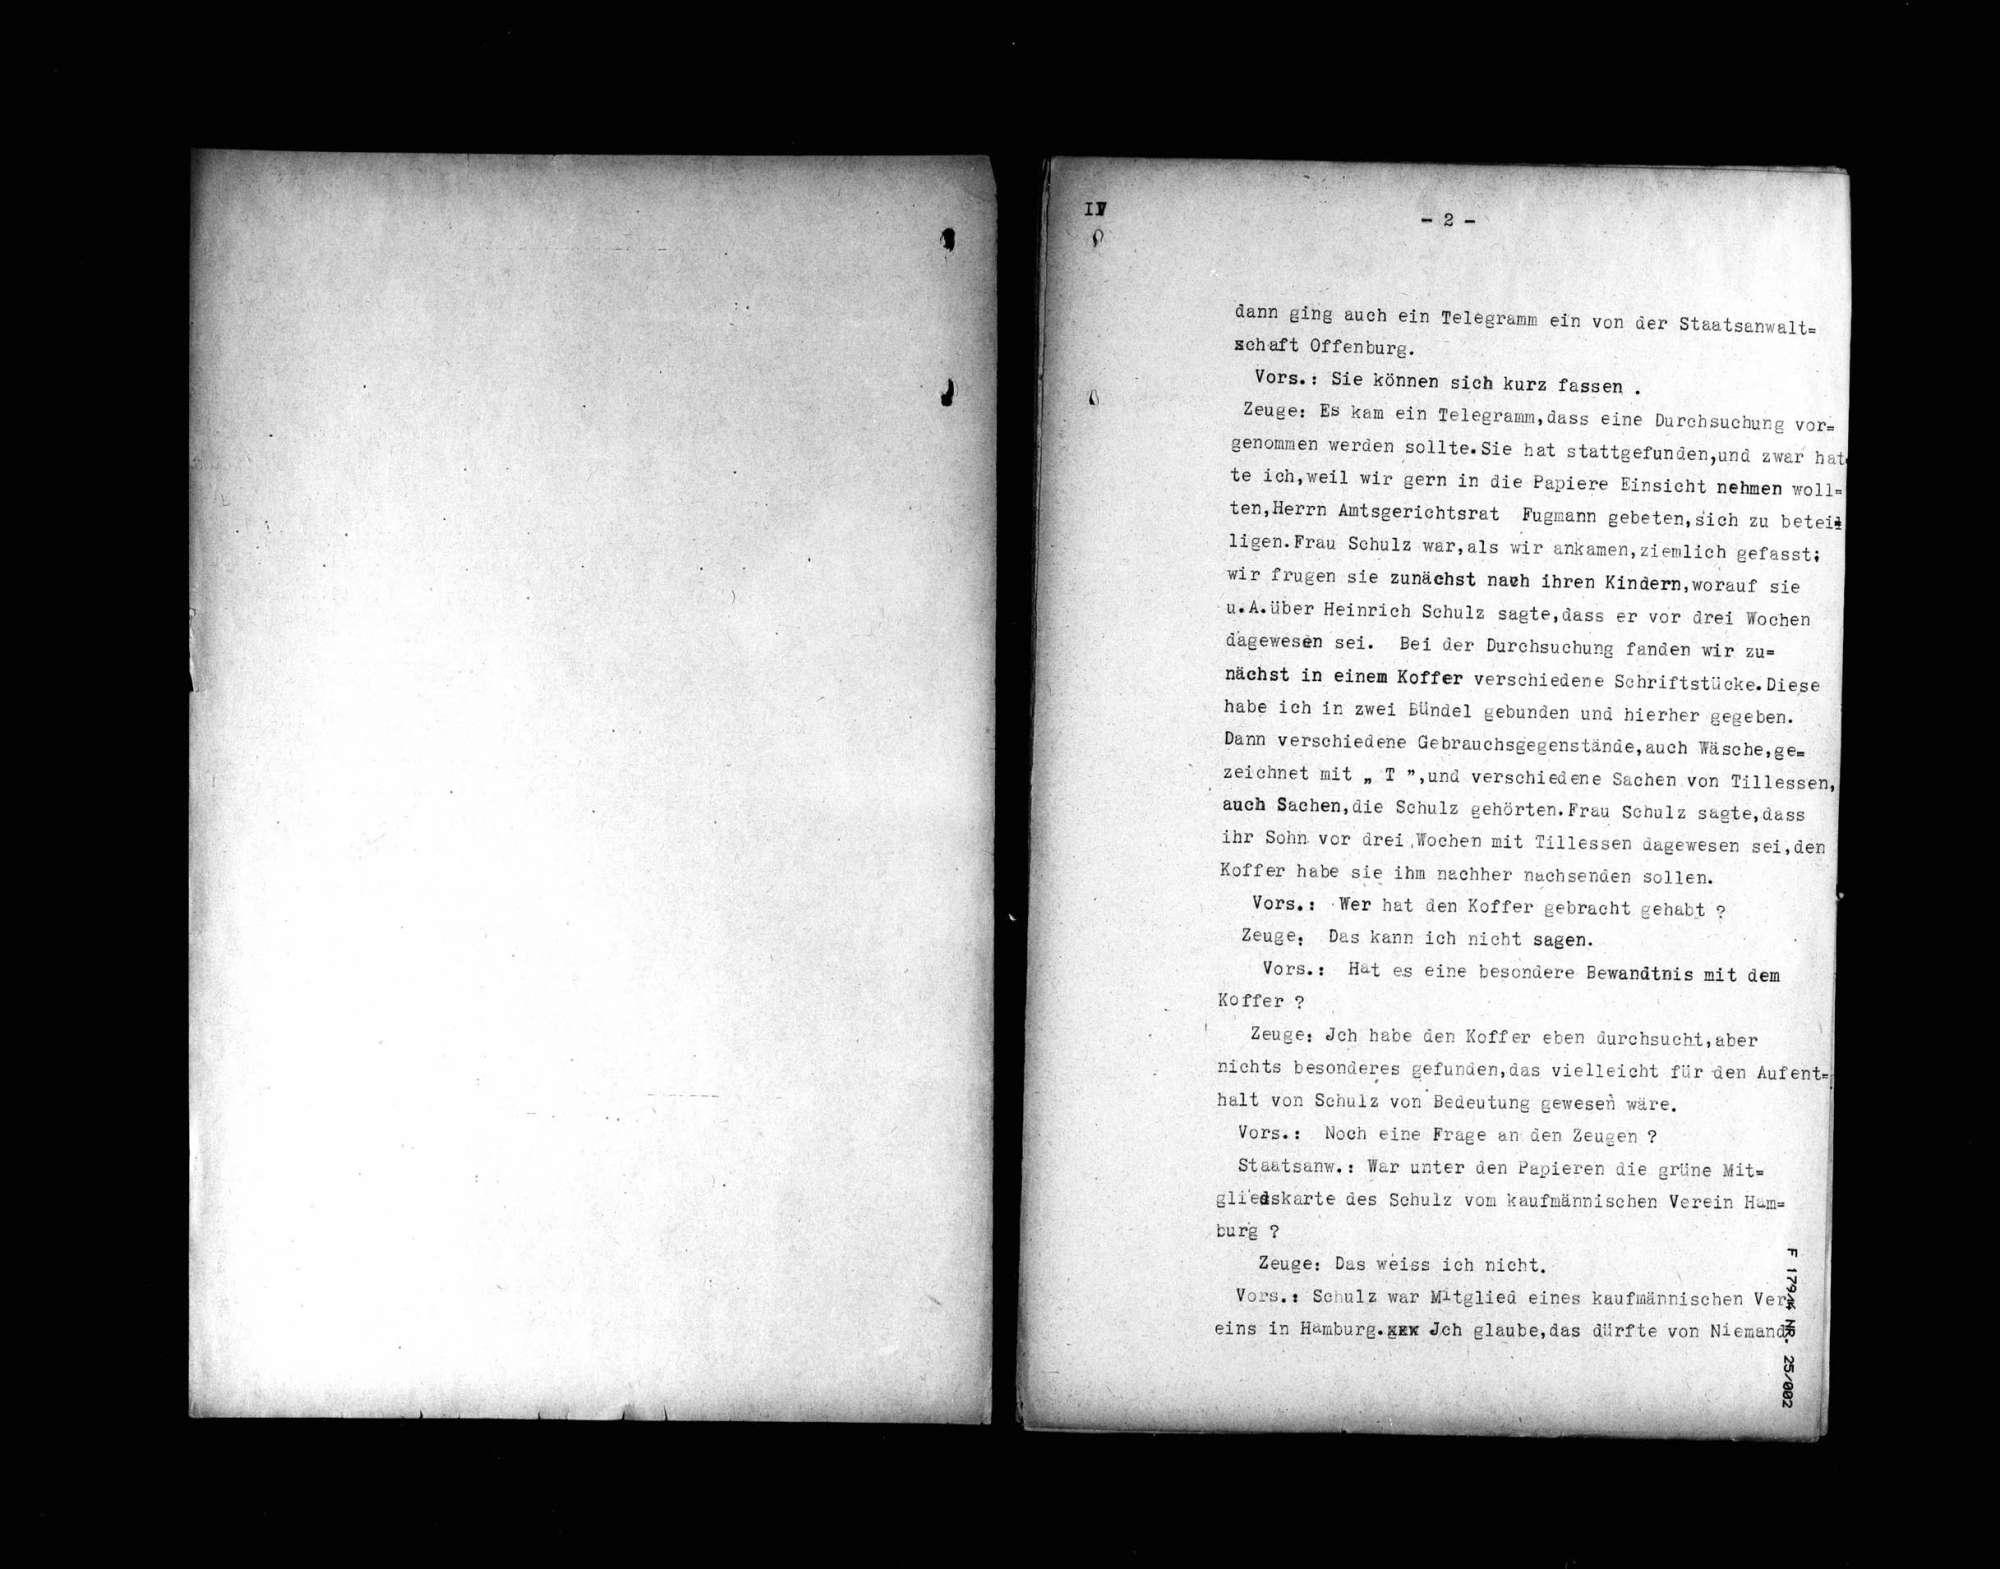 Protokolle der Hauptverhandlung gegen Manfred v. Killinger wegen Beihilfe zum Mord (4. Verhandlungstag, Tatortbesichtigung), Bild 2